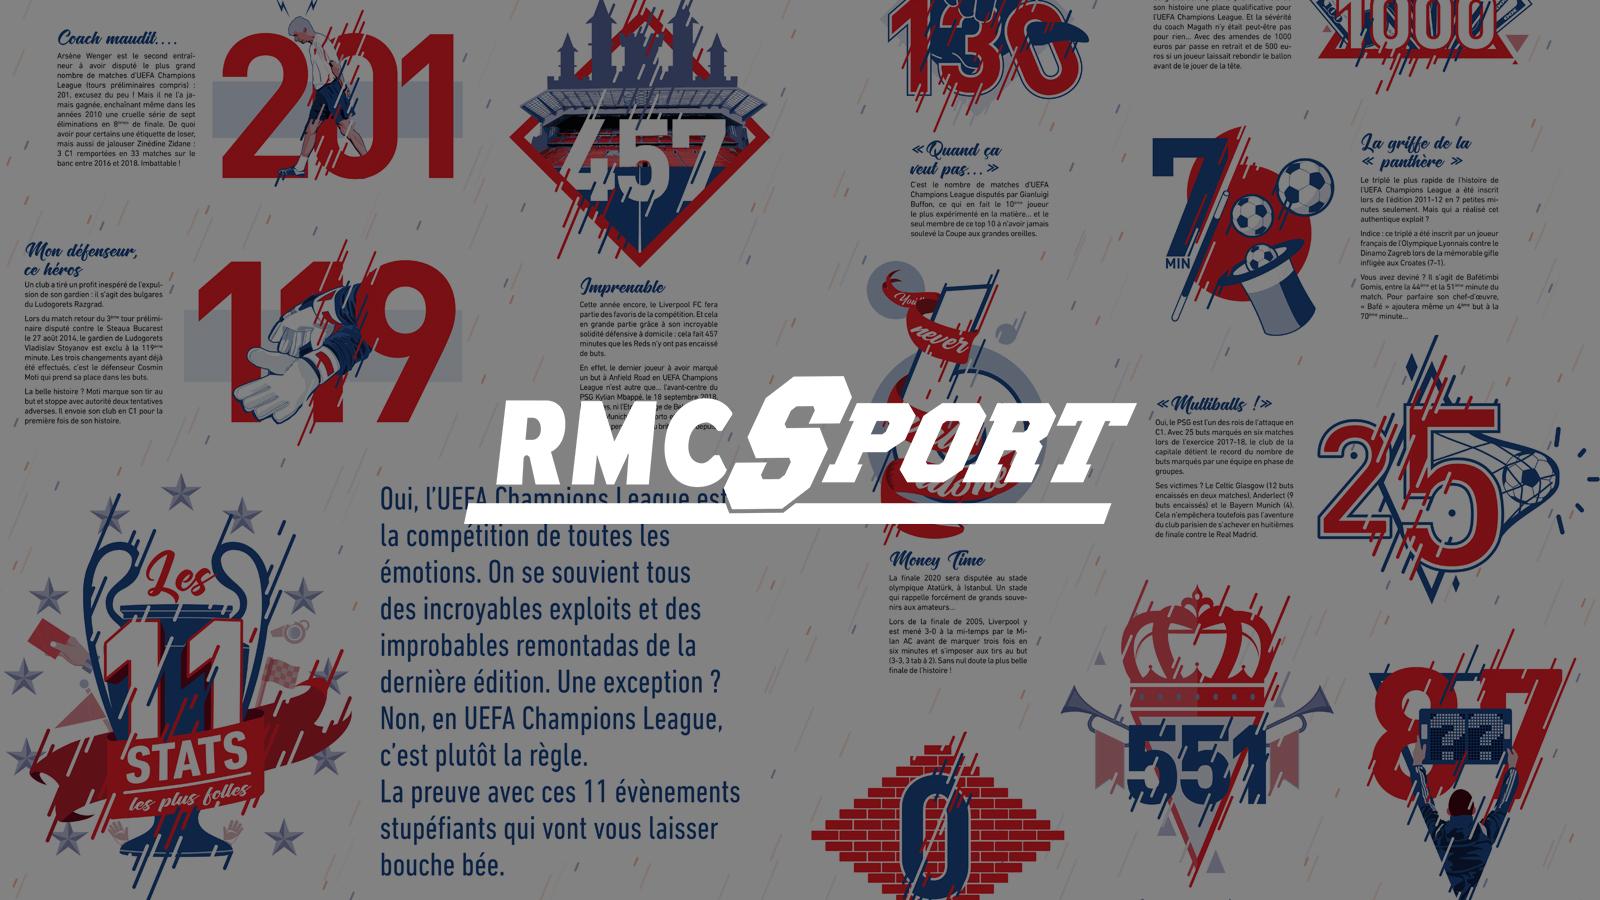 2019 rmc sport - Cas RMC Sport